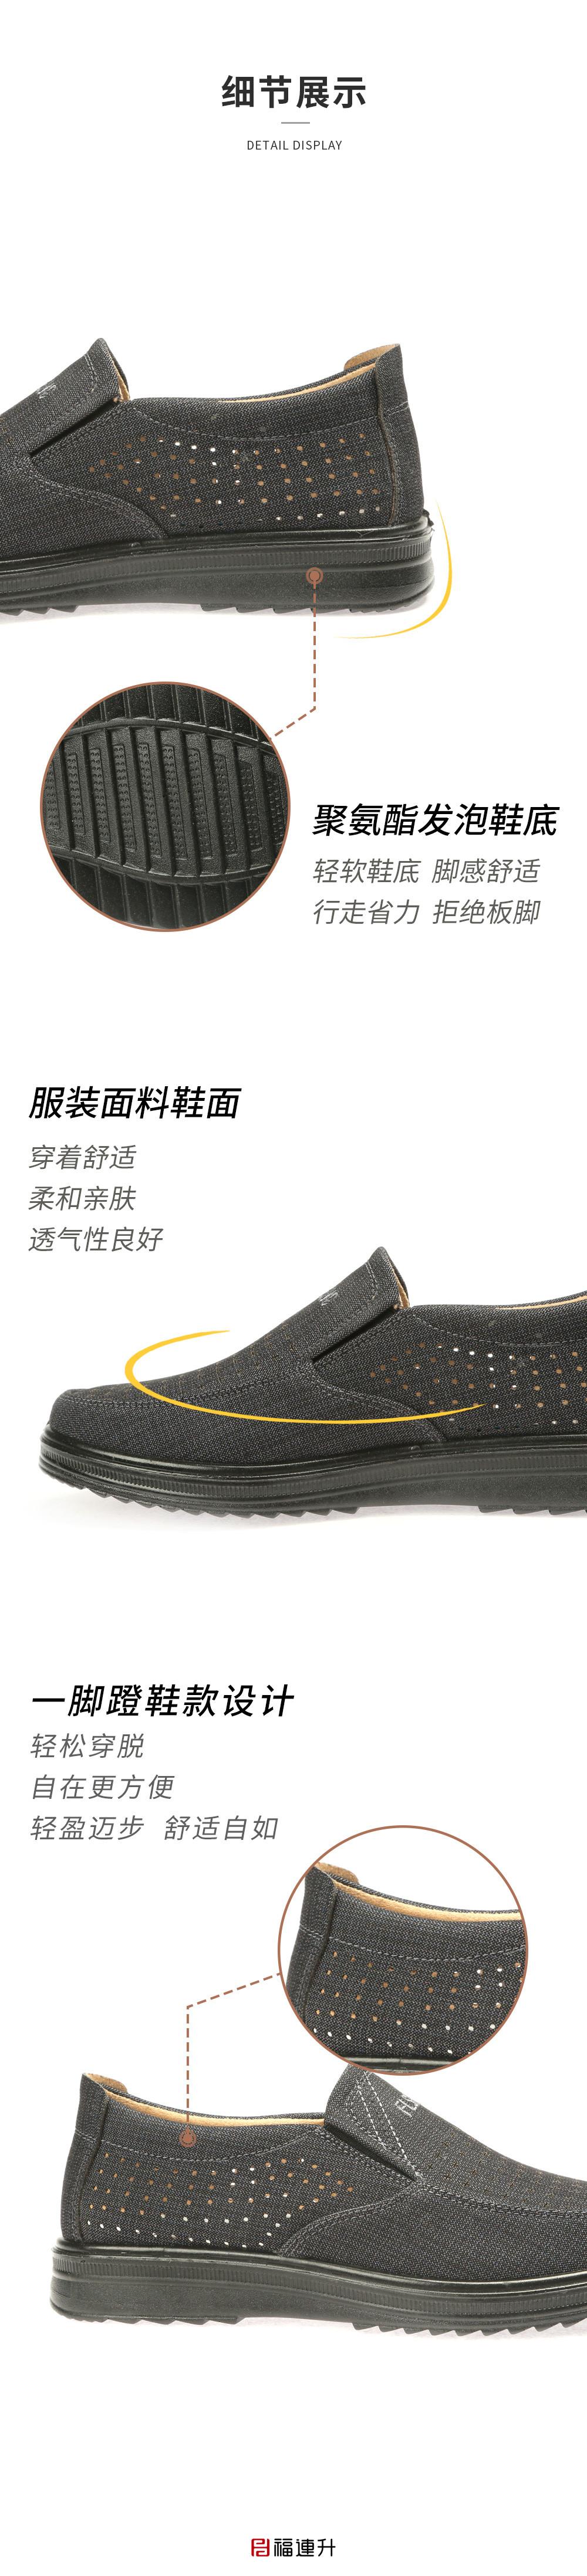 福连升春夏中老年休闲轻便透气老北京布鞋男士单鞋图片